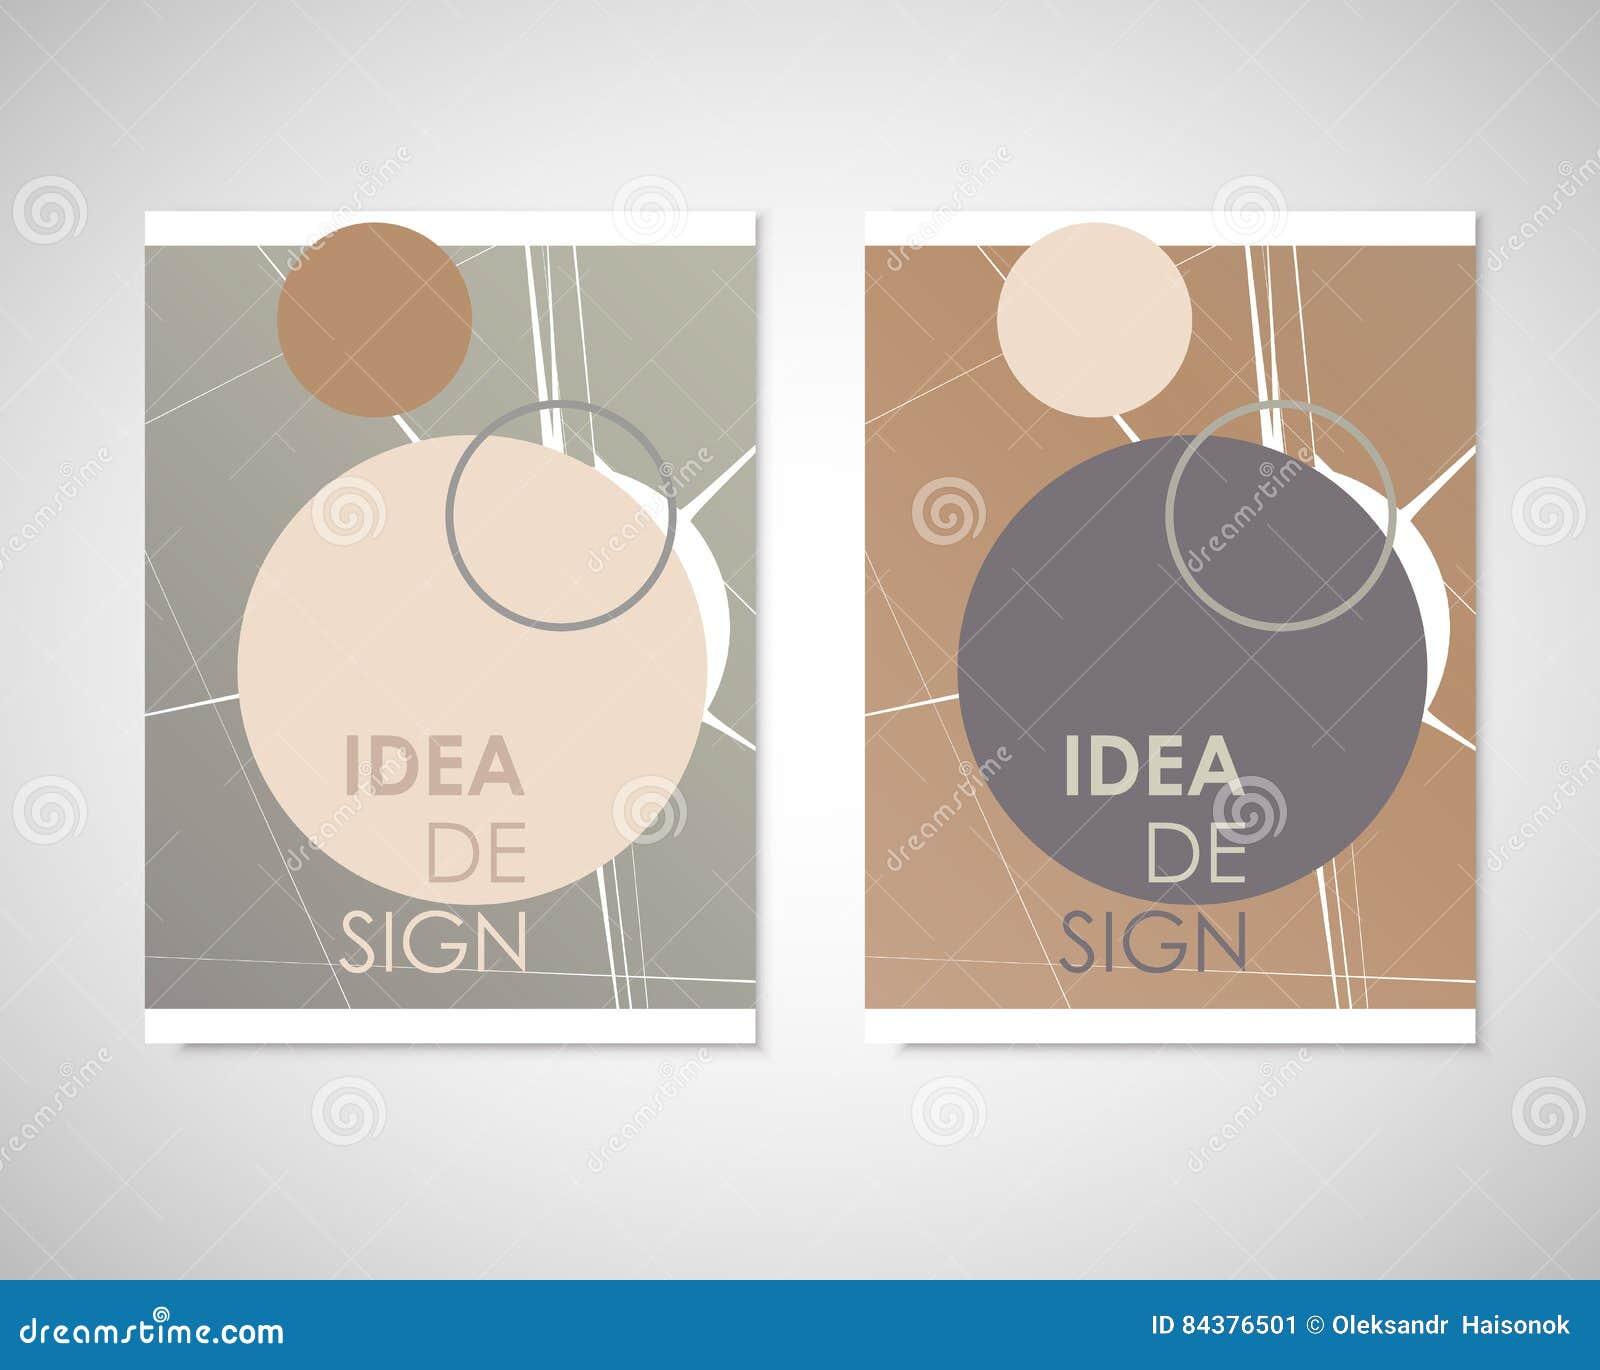 Iets Nieuws Vuile Cirkels Met Tekst Op Brochure Voor Uw Ideeën Presentatie @VV39